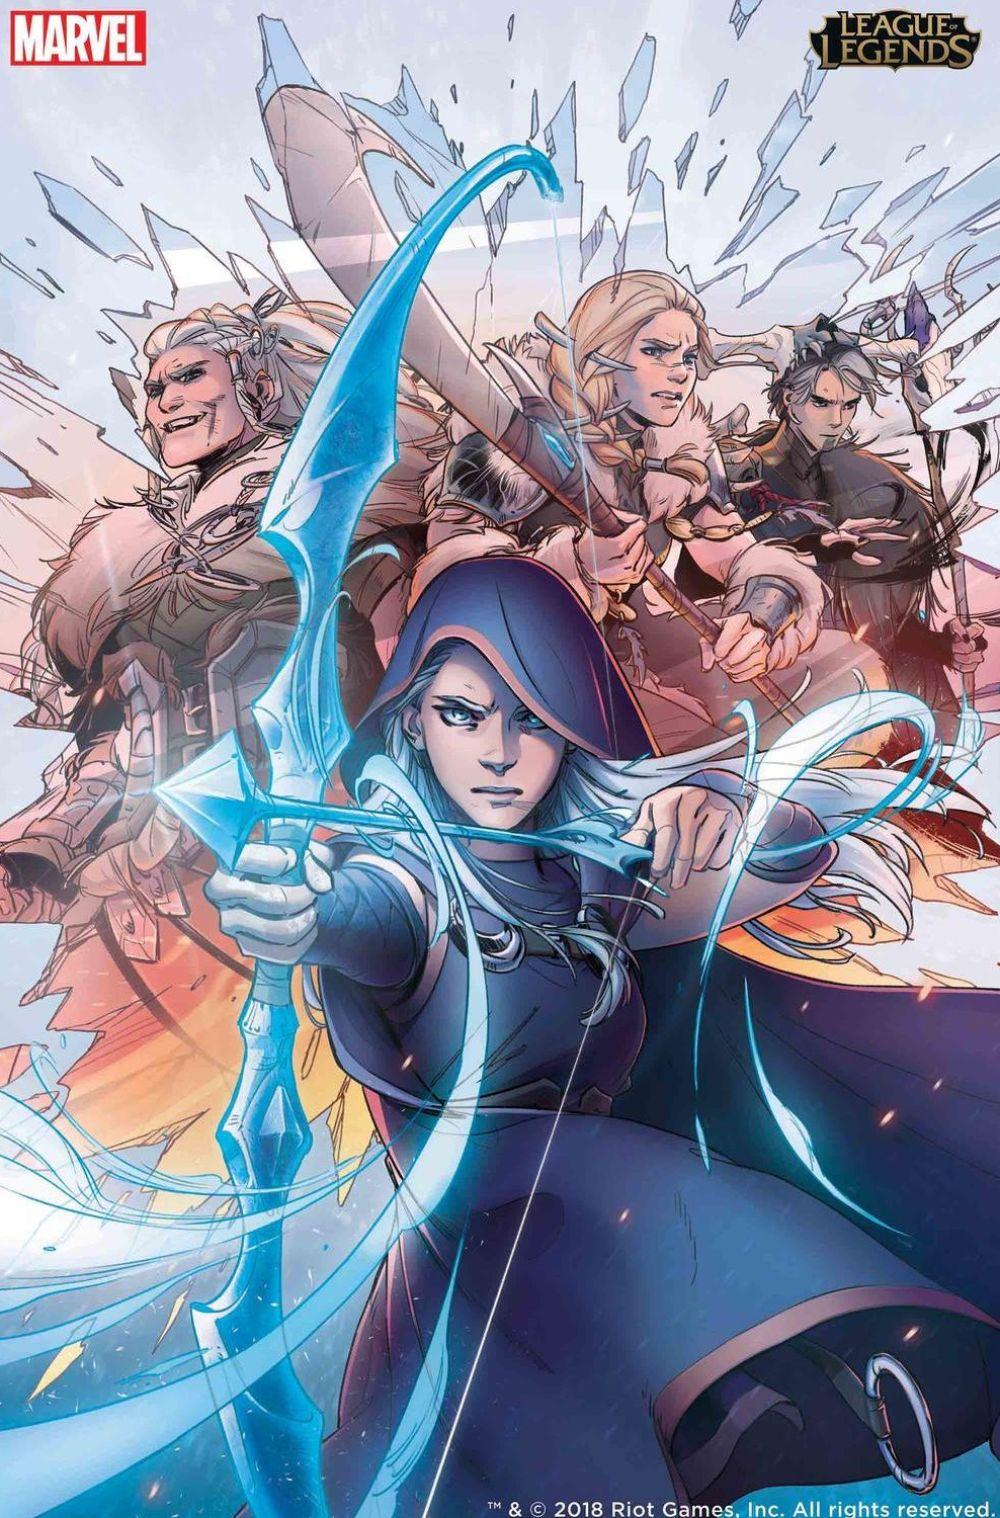 League of Legends Marvel